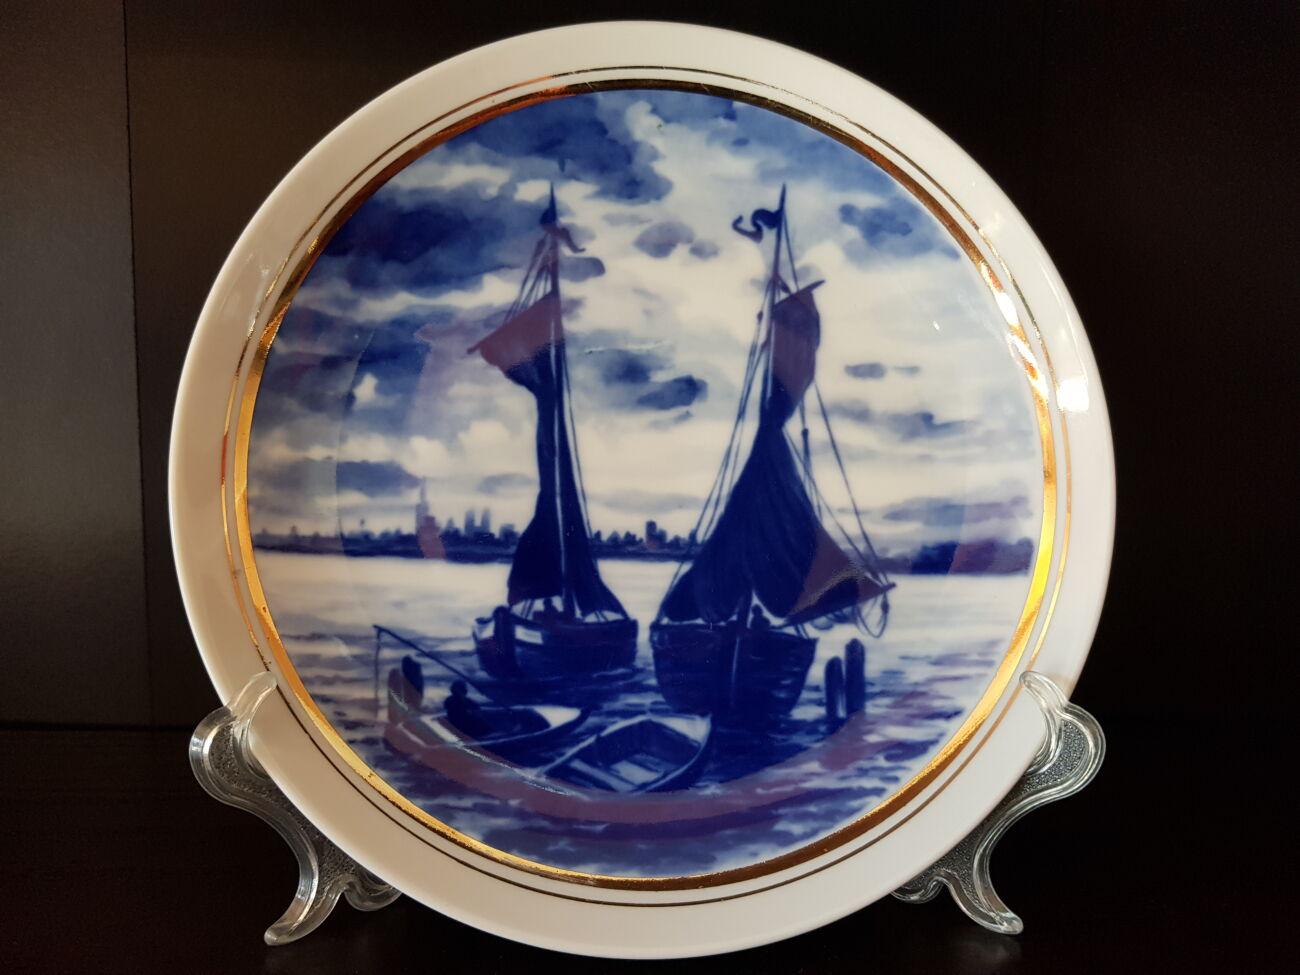 Продам немецкую, фарфоровую, кобальтовую, декоративную тарелку с изобр